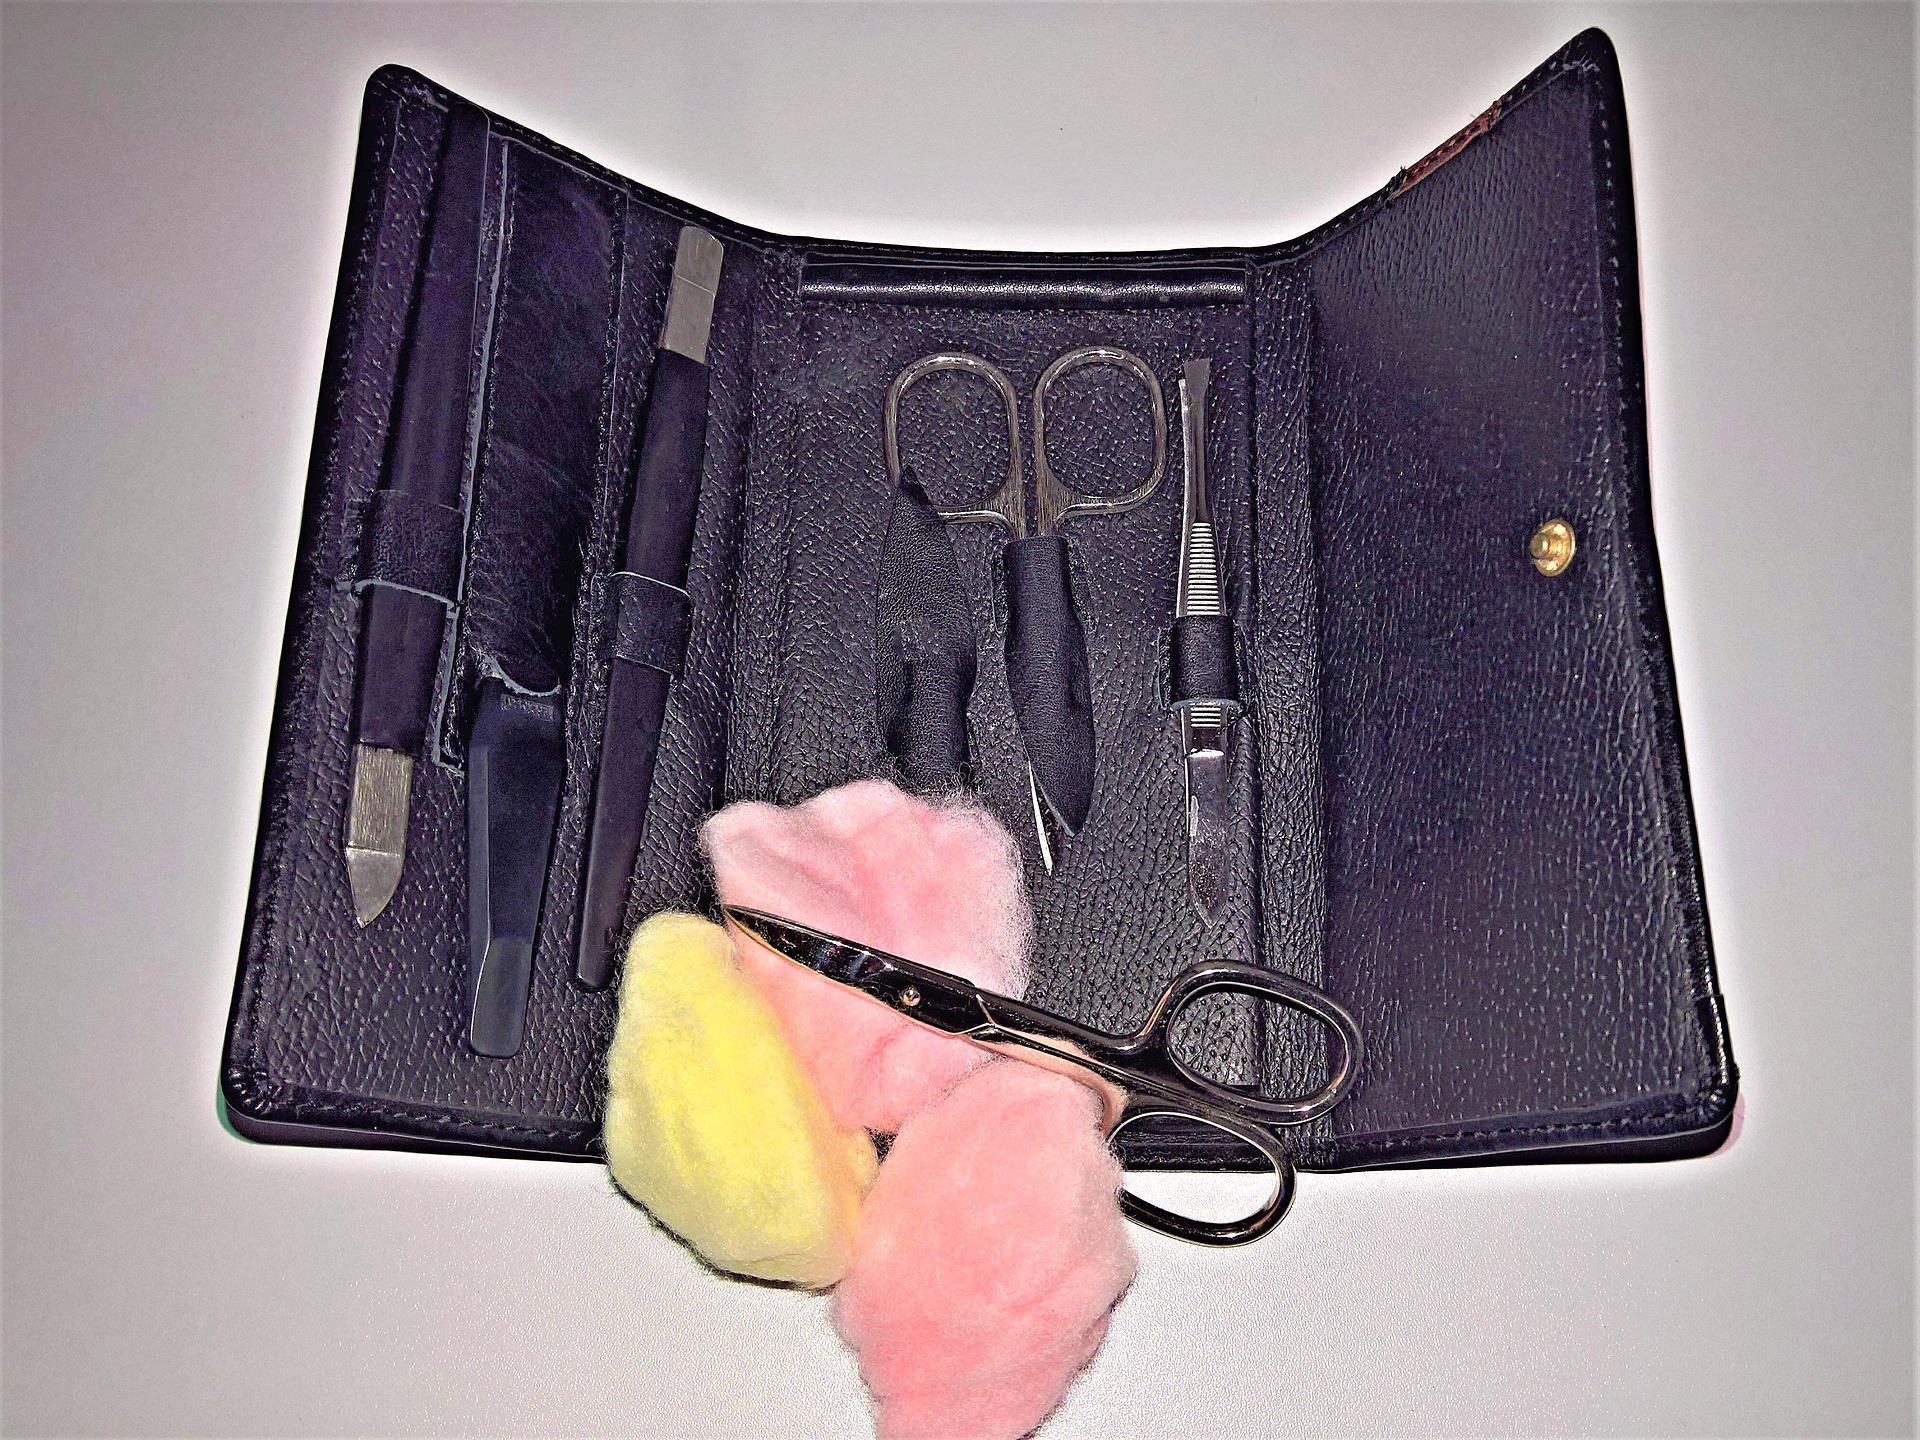 Kit de unha em estojo de couro com tesourinha apoiada em algodão à frente